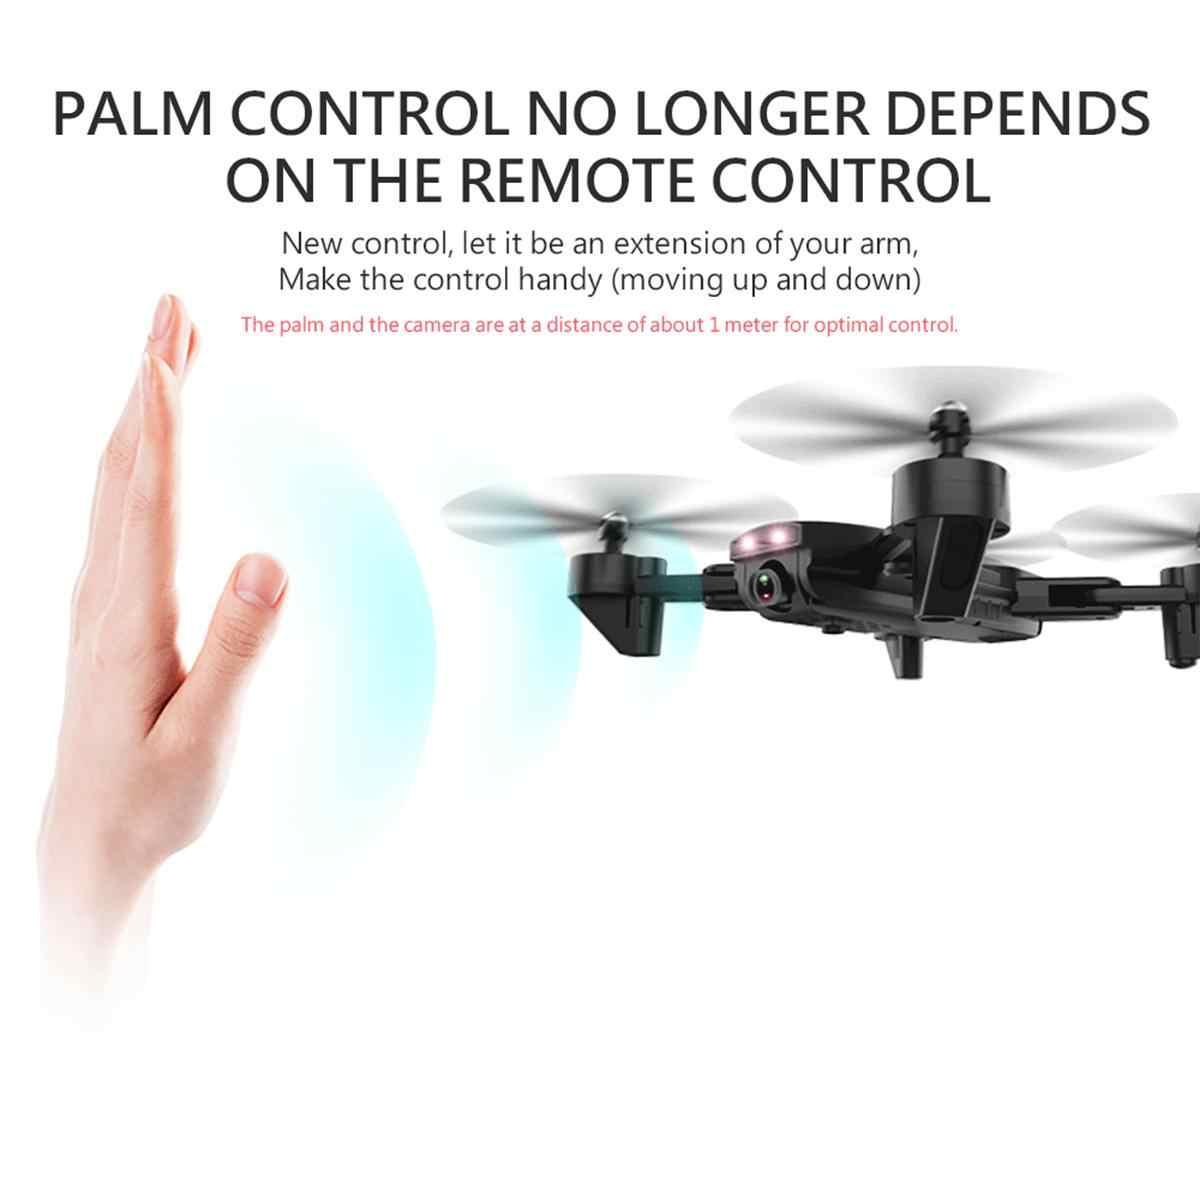 2,4G L107 1080 P двойной камеры Drone 120 м RC Дрон gps полный широкоугольный Камера приложение беспилотная камера д/у gps